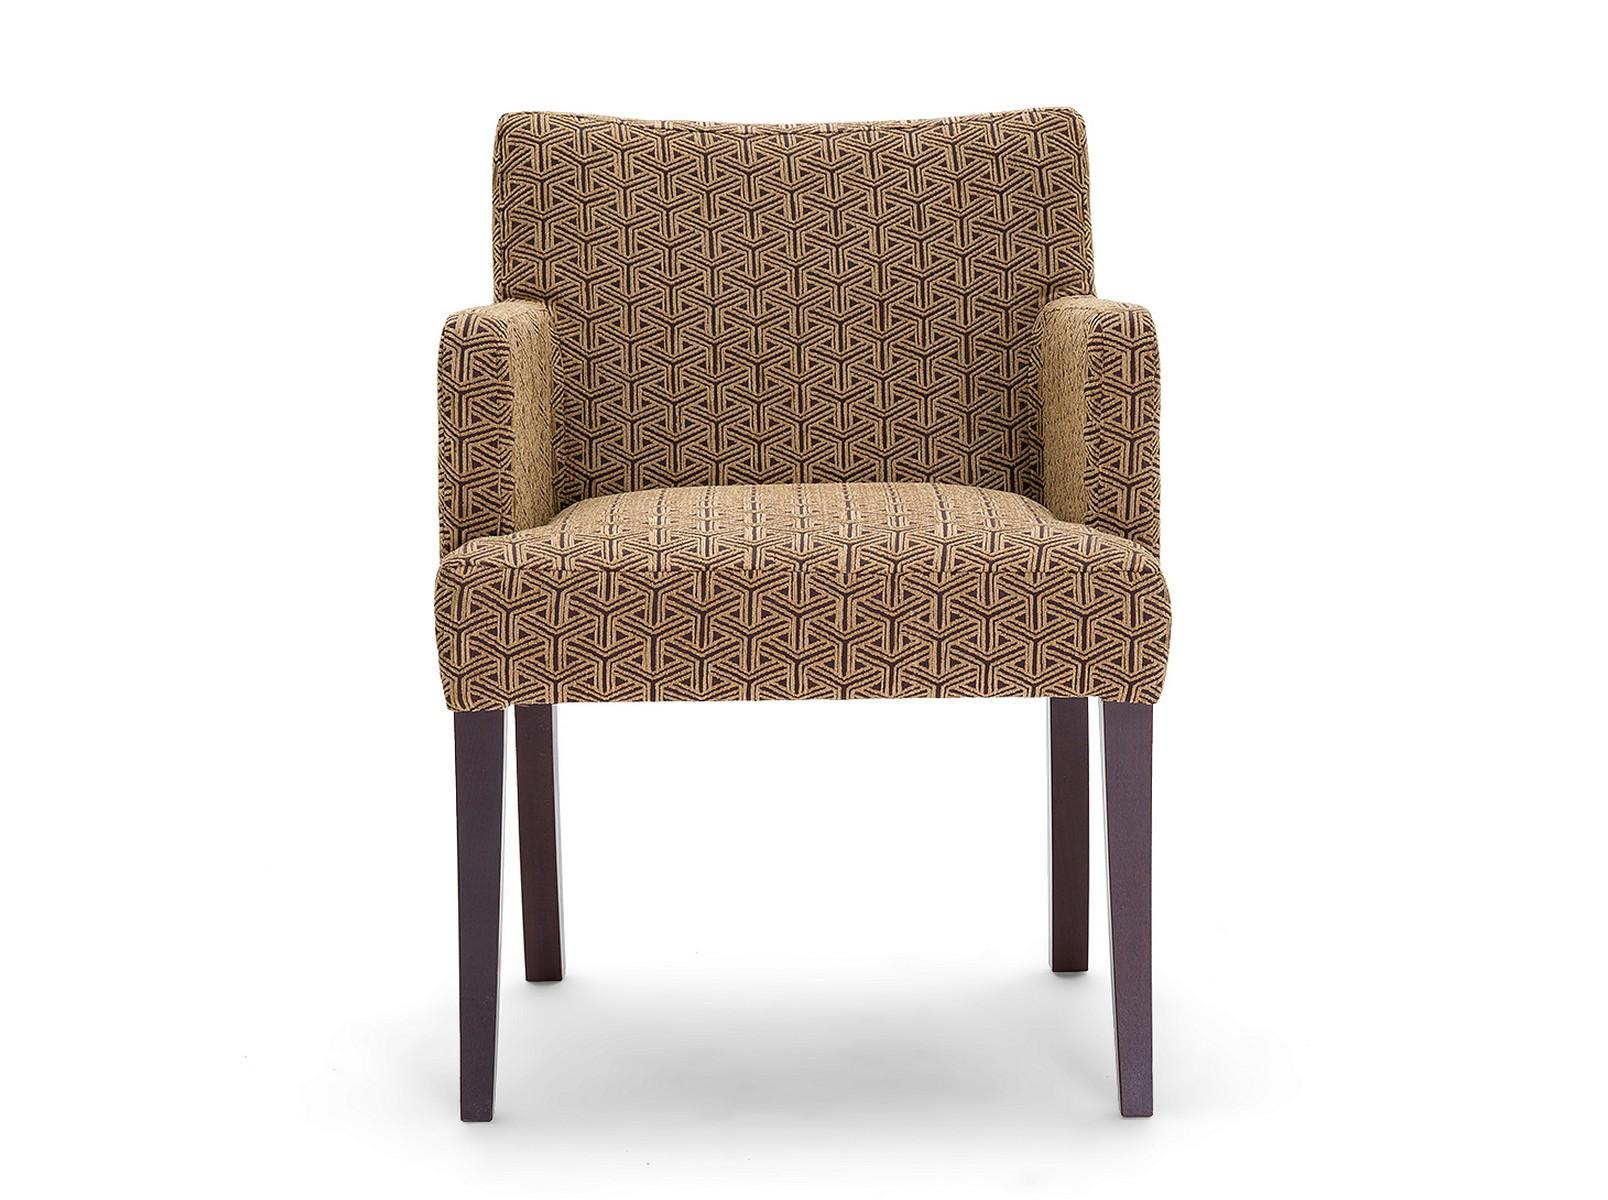 КреслоИнтерьерные кресла<br>Марокканское настроение создает дорогая обивка этой пары. Отрез остался от масштабного дизайнерского проекта, и FChairs решили пустить его в благородное дело - перетянув тканью ресторанное кресло с историей. Банкетка новая и была создана к нему в дополнение.<br><br>Material: Текстиль<br>Width см: 57<br>Depth см: 60<br>Height см: 82